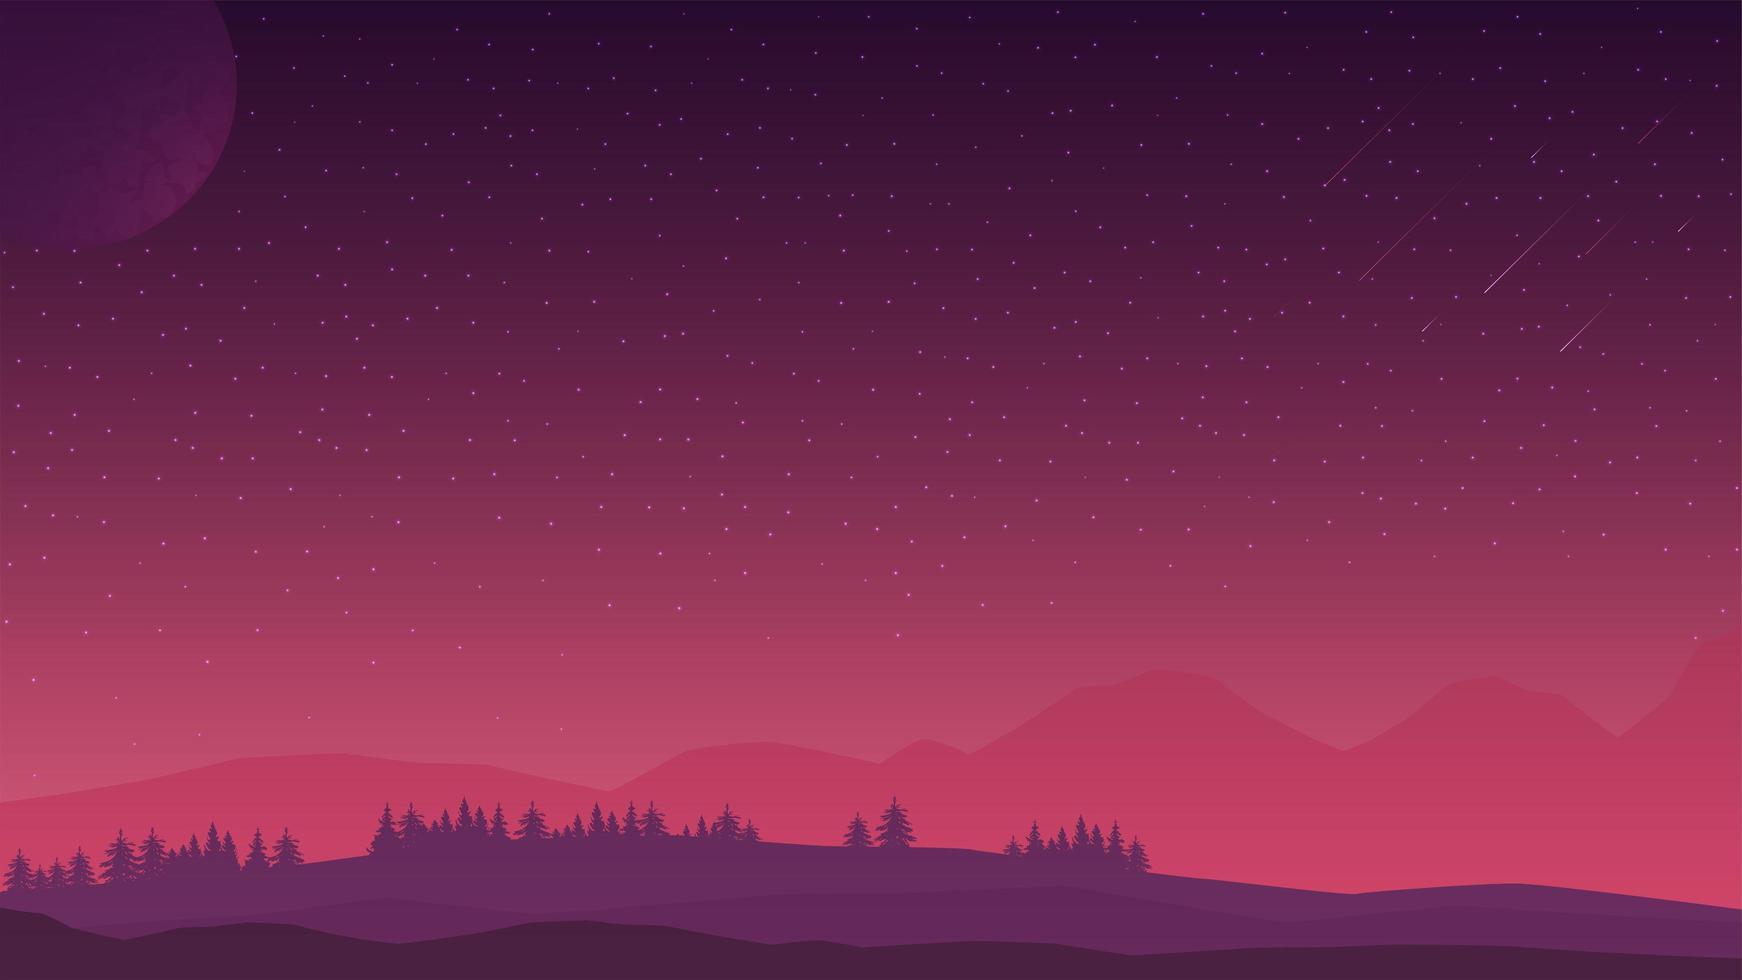 paisaje rosado de la tarde con cielo estrellado, colinas en el horizonte y bosque de coníferas. vector